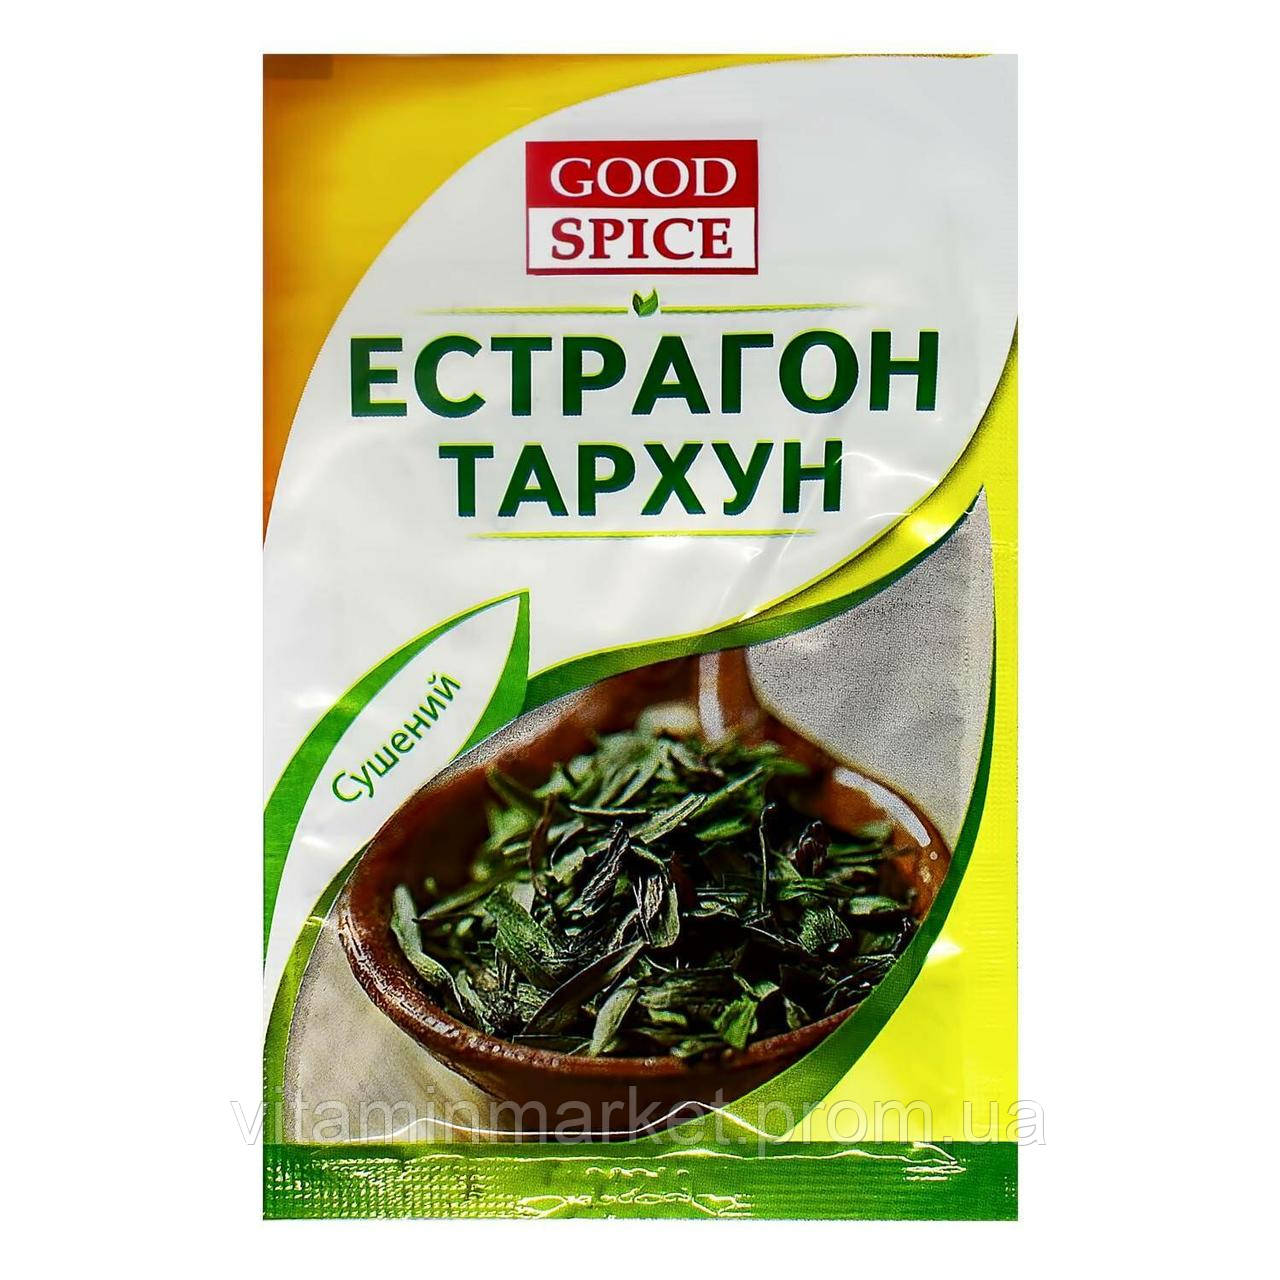 Эстрагон сушеный Good Spice тархун 4 гр